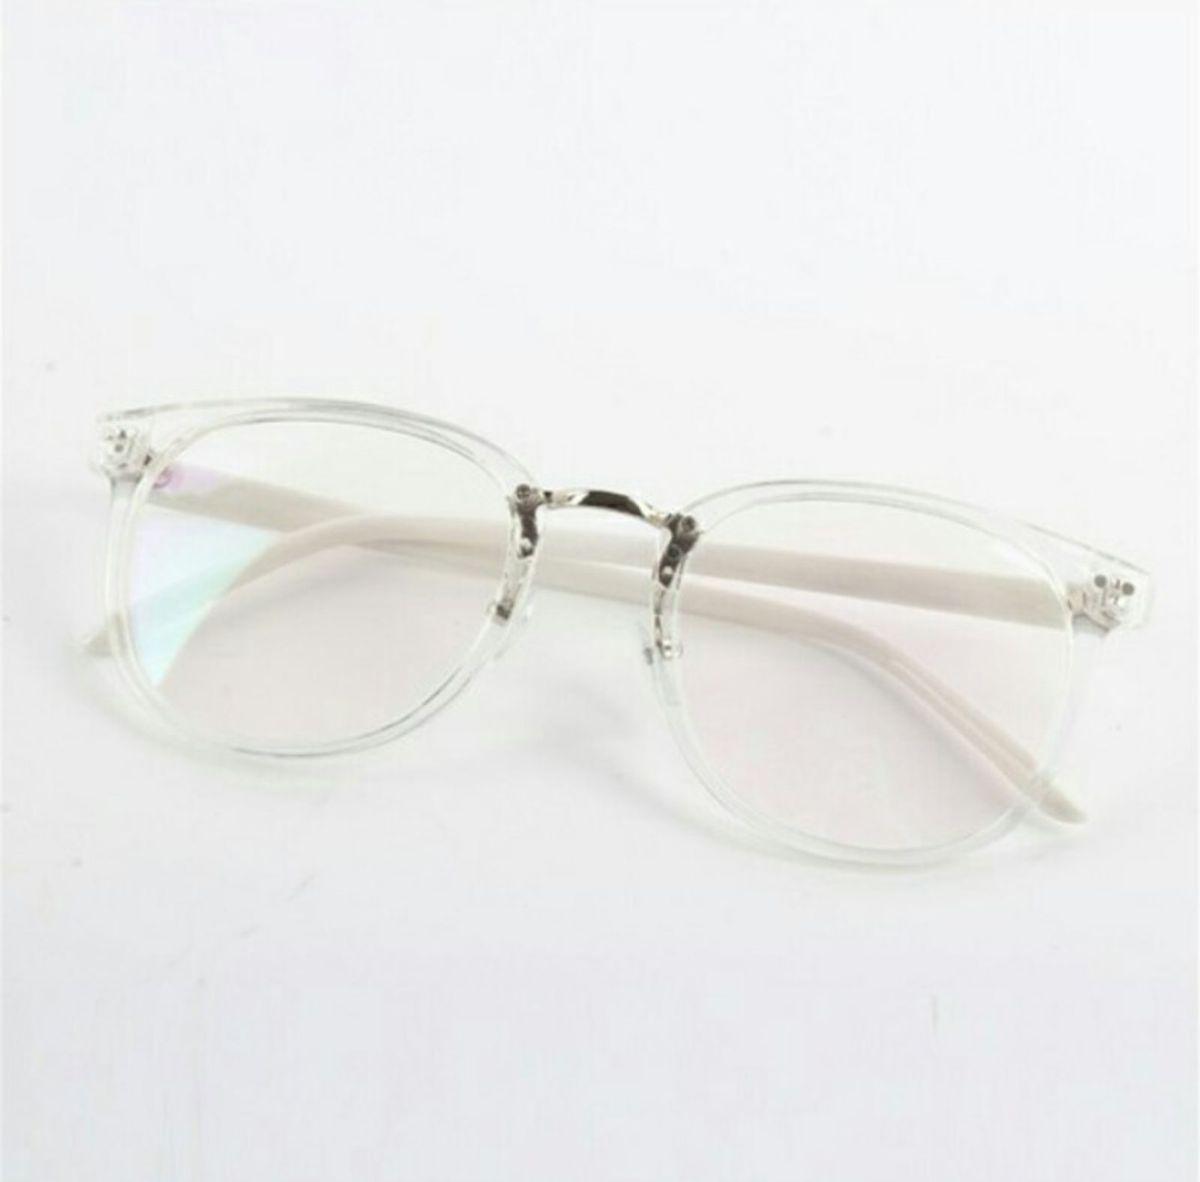 cc508a04e68c4 armação de óculos grau retrô unissex transparente importado - óculos  importado